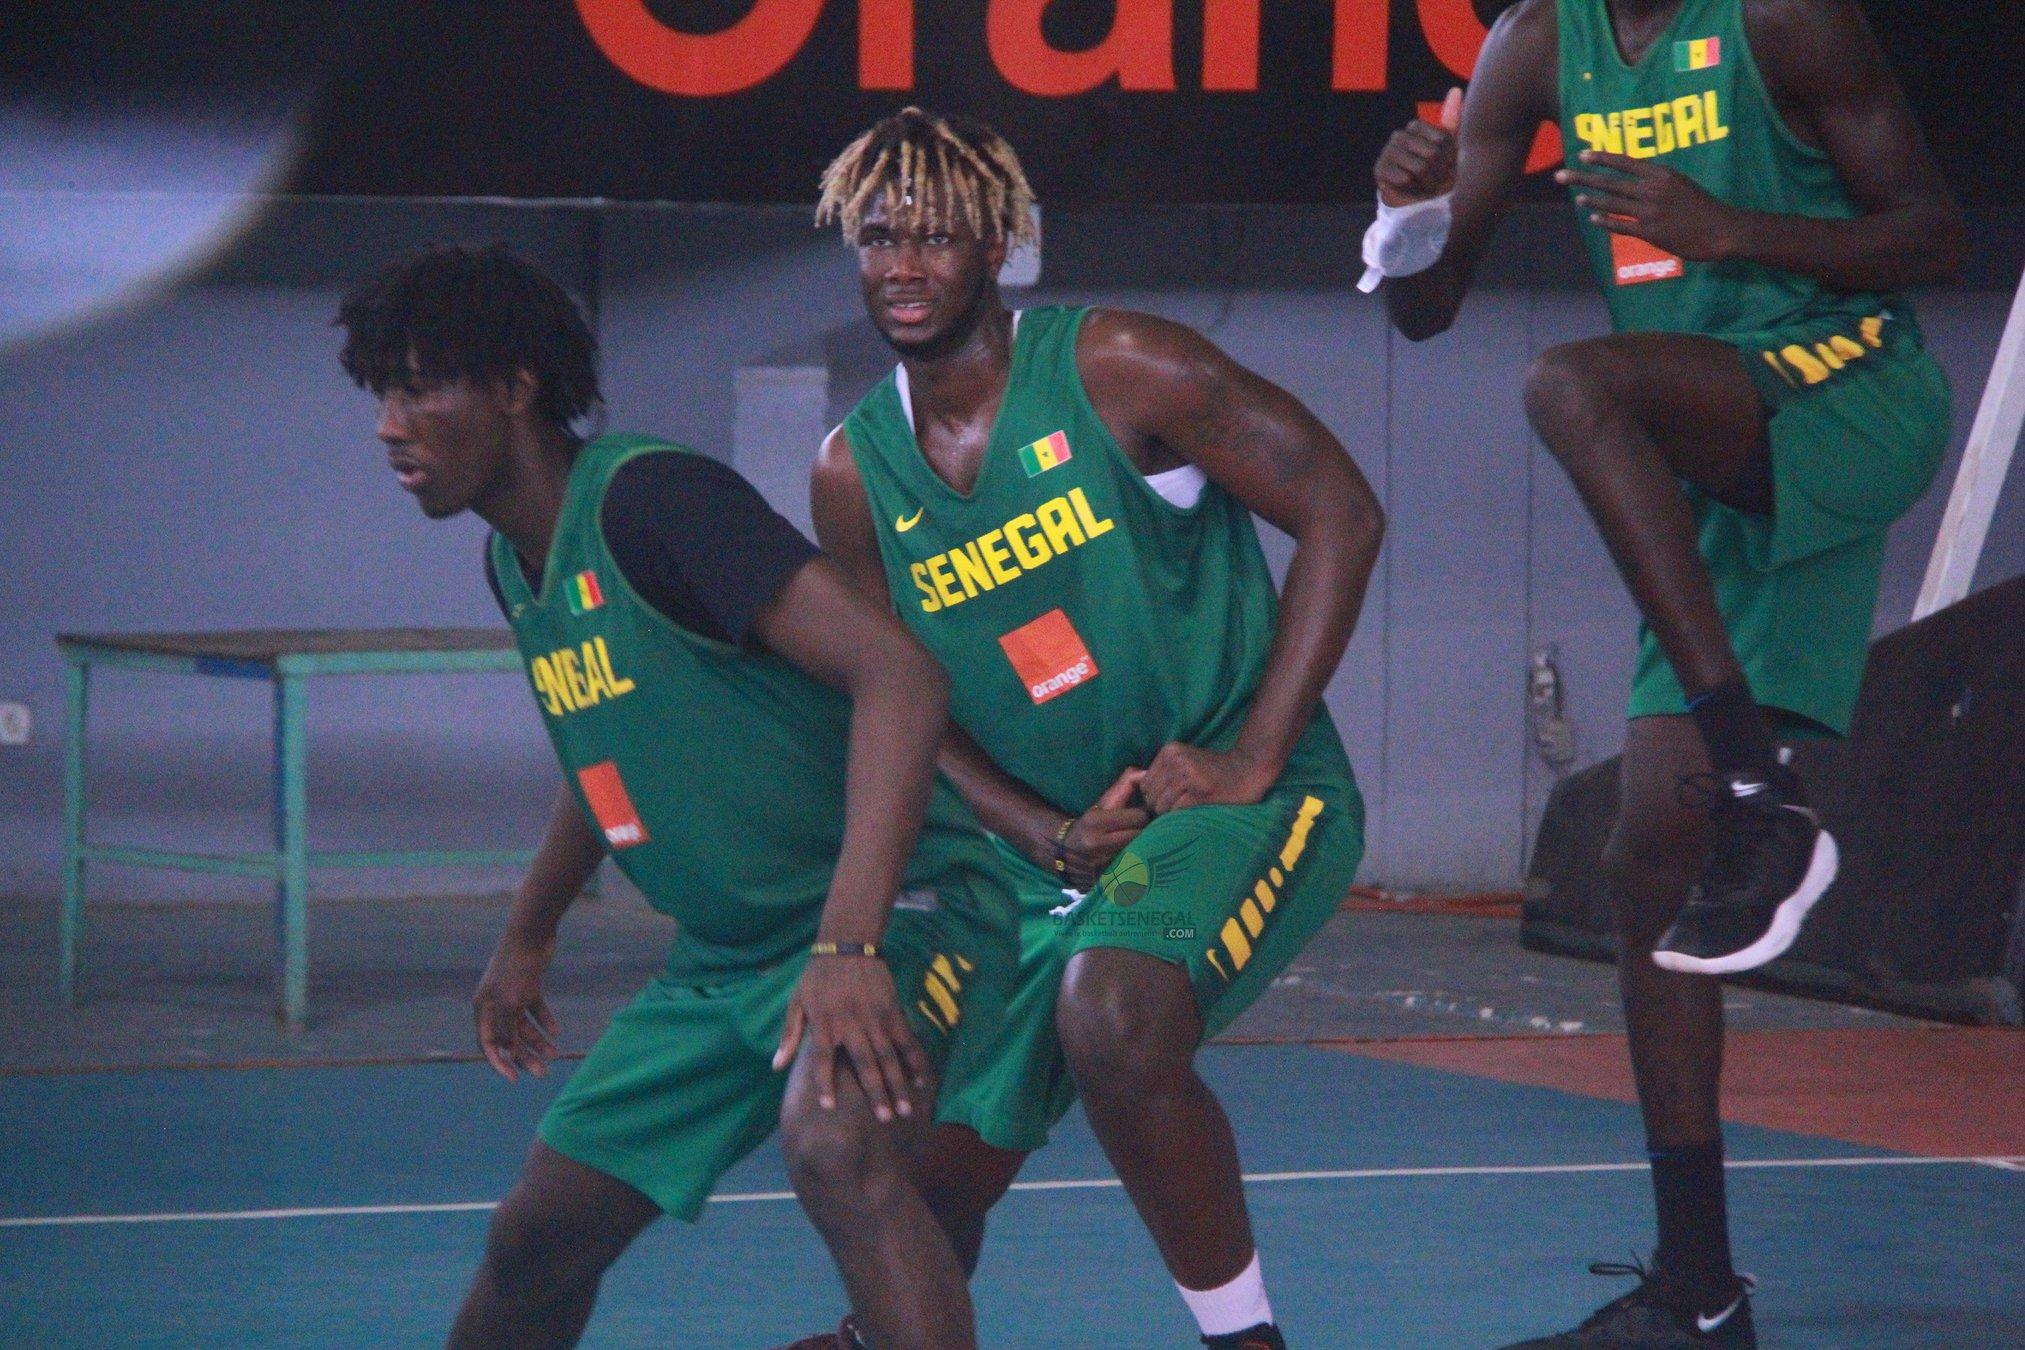 - Un homme jouant à un jeu sur le terrain - Mouvements de basket